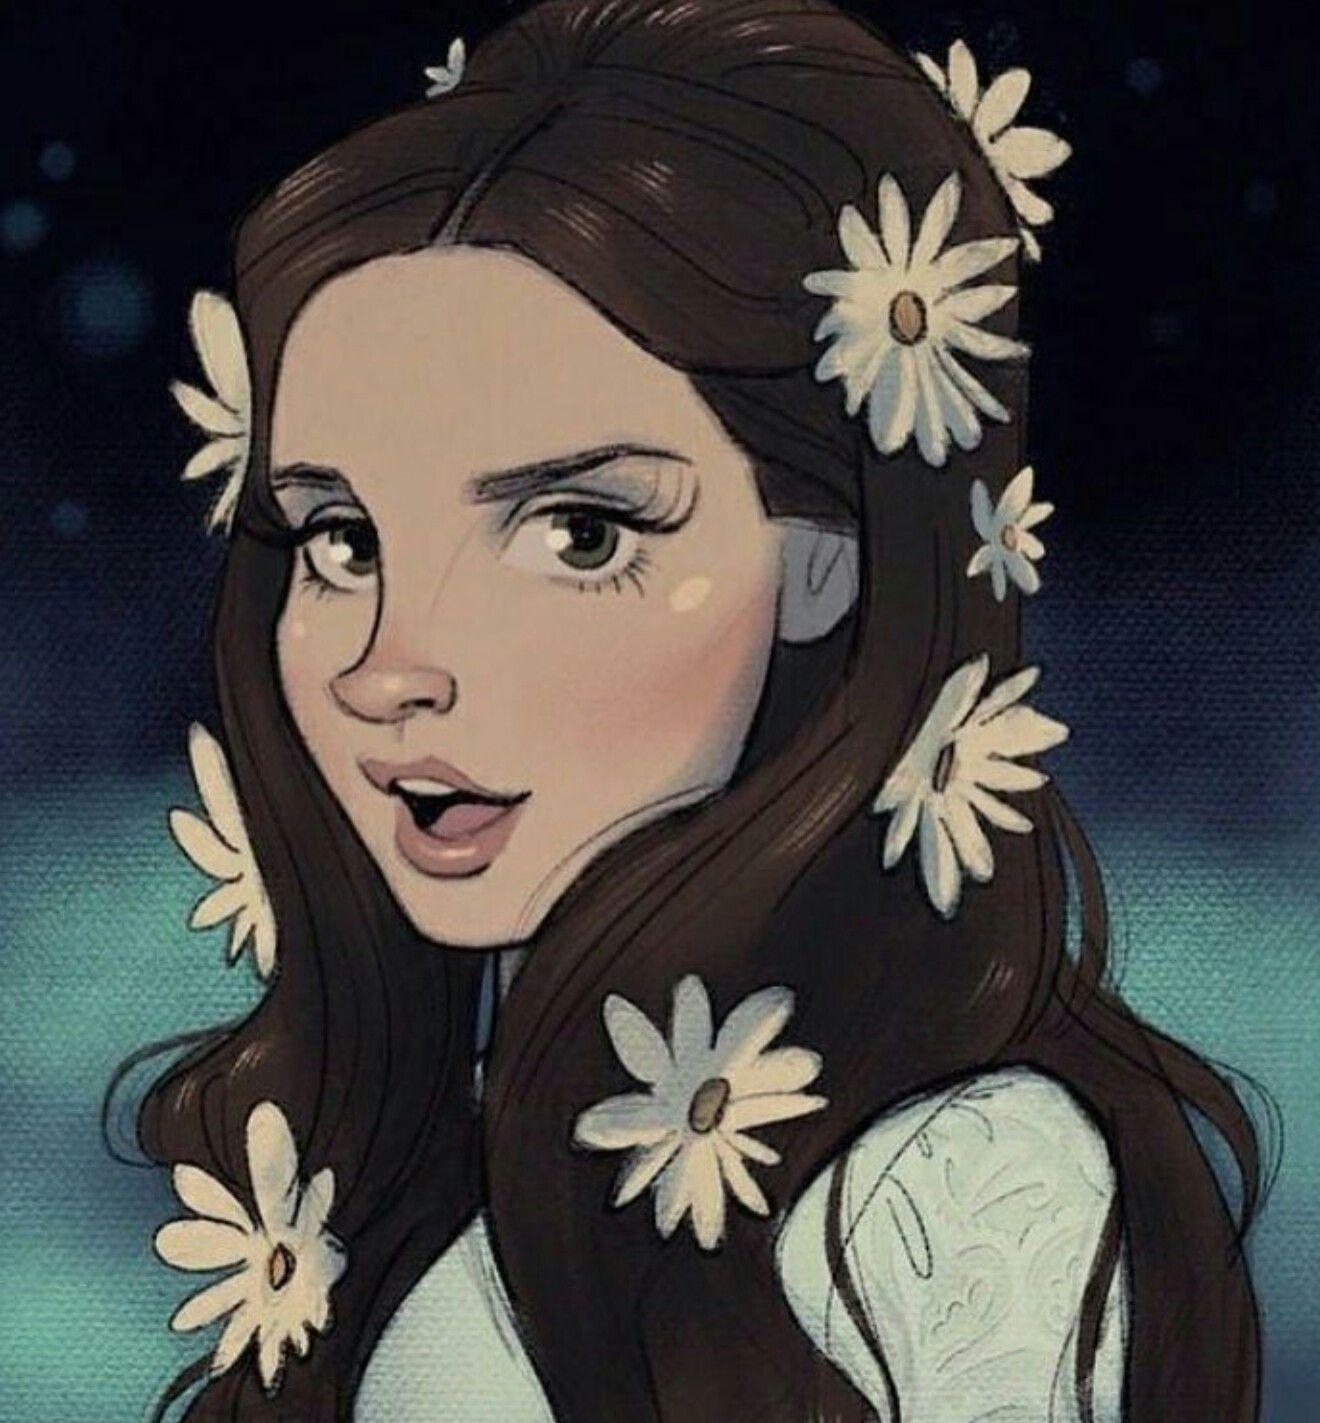 Lana Del Rey Love Fan Art Ldr Lana Del Rey Art Art Lana Del Rey Love